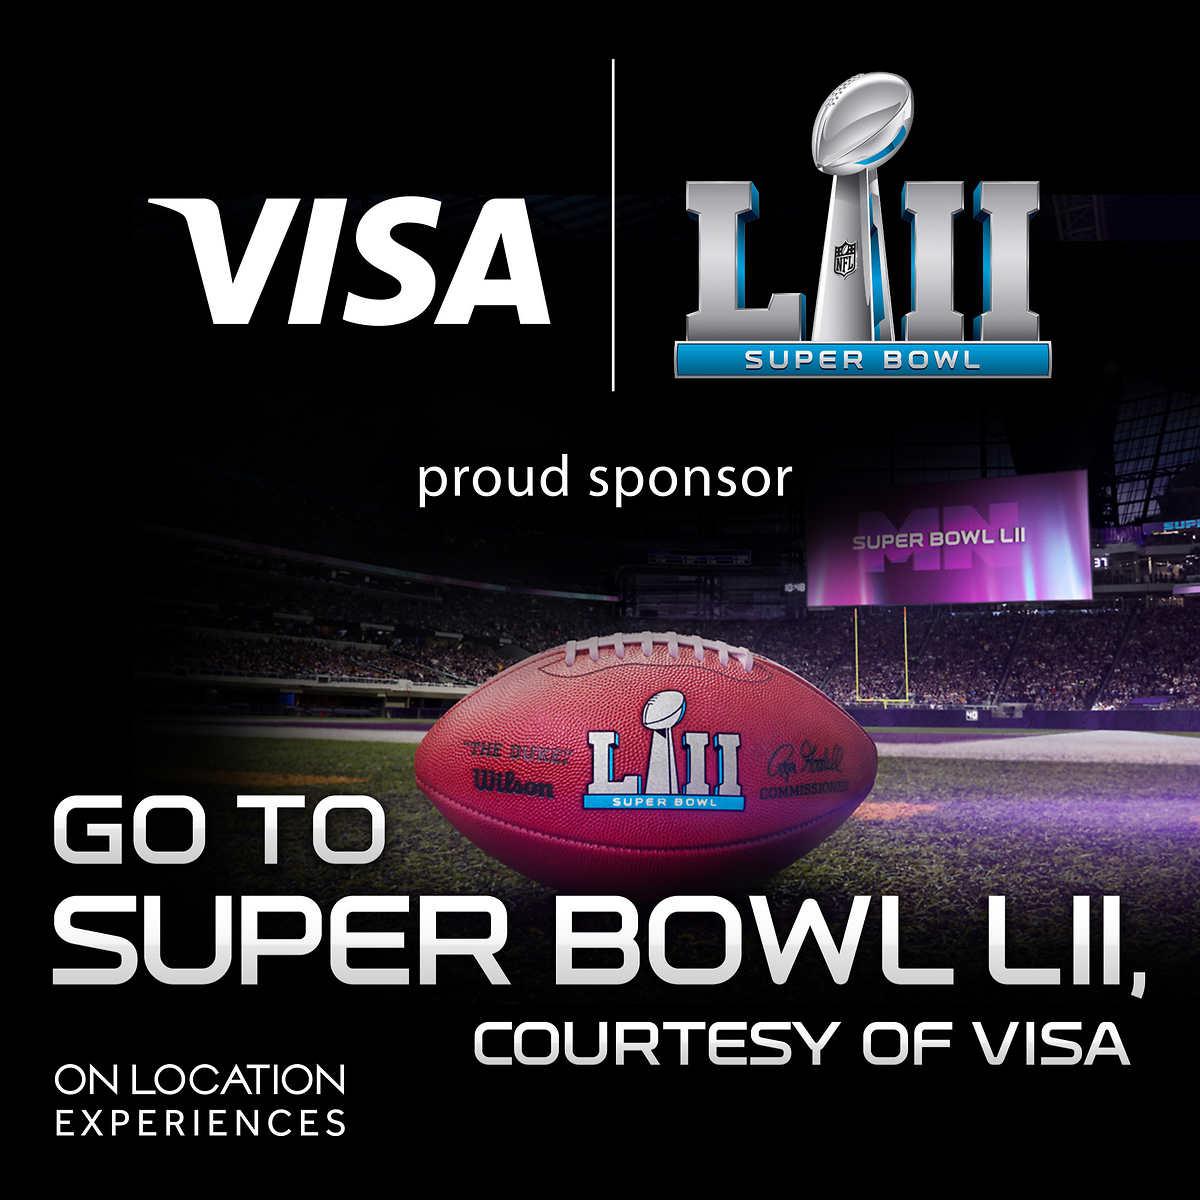 Superbowl LII Package - 4,999 + 2500 cash back - Visa Only $4999